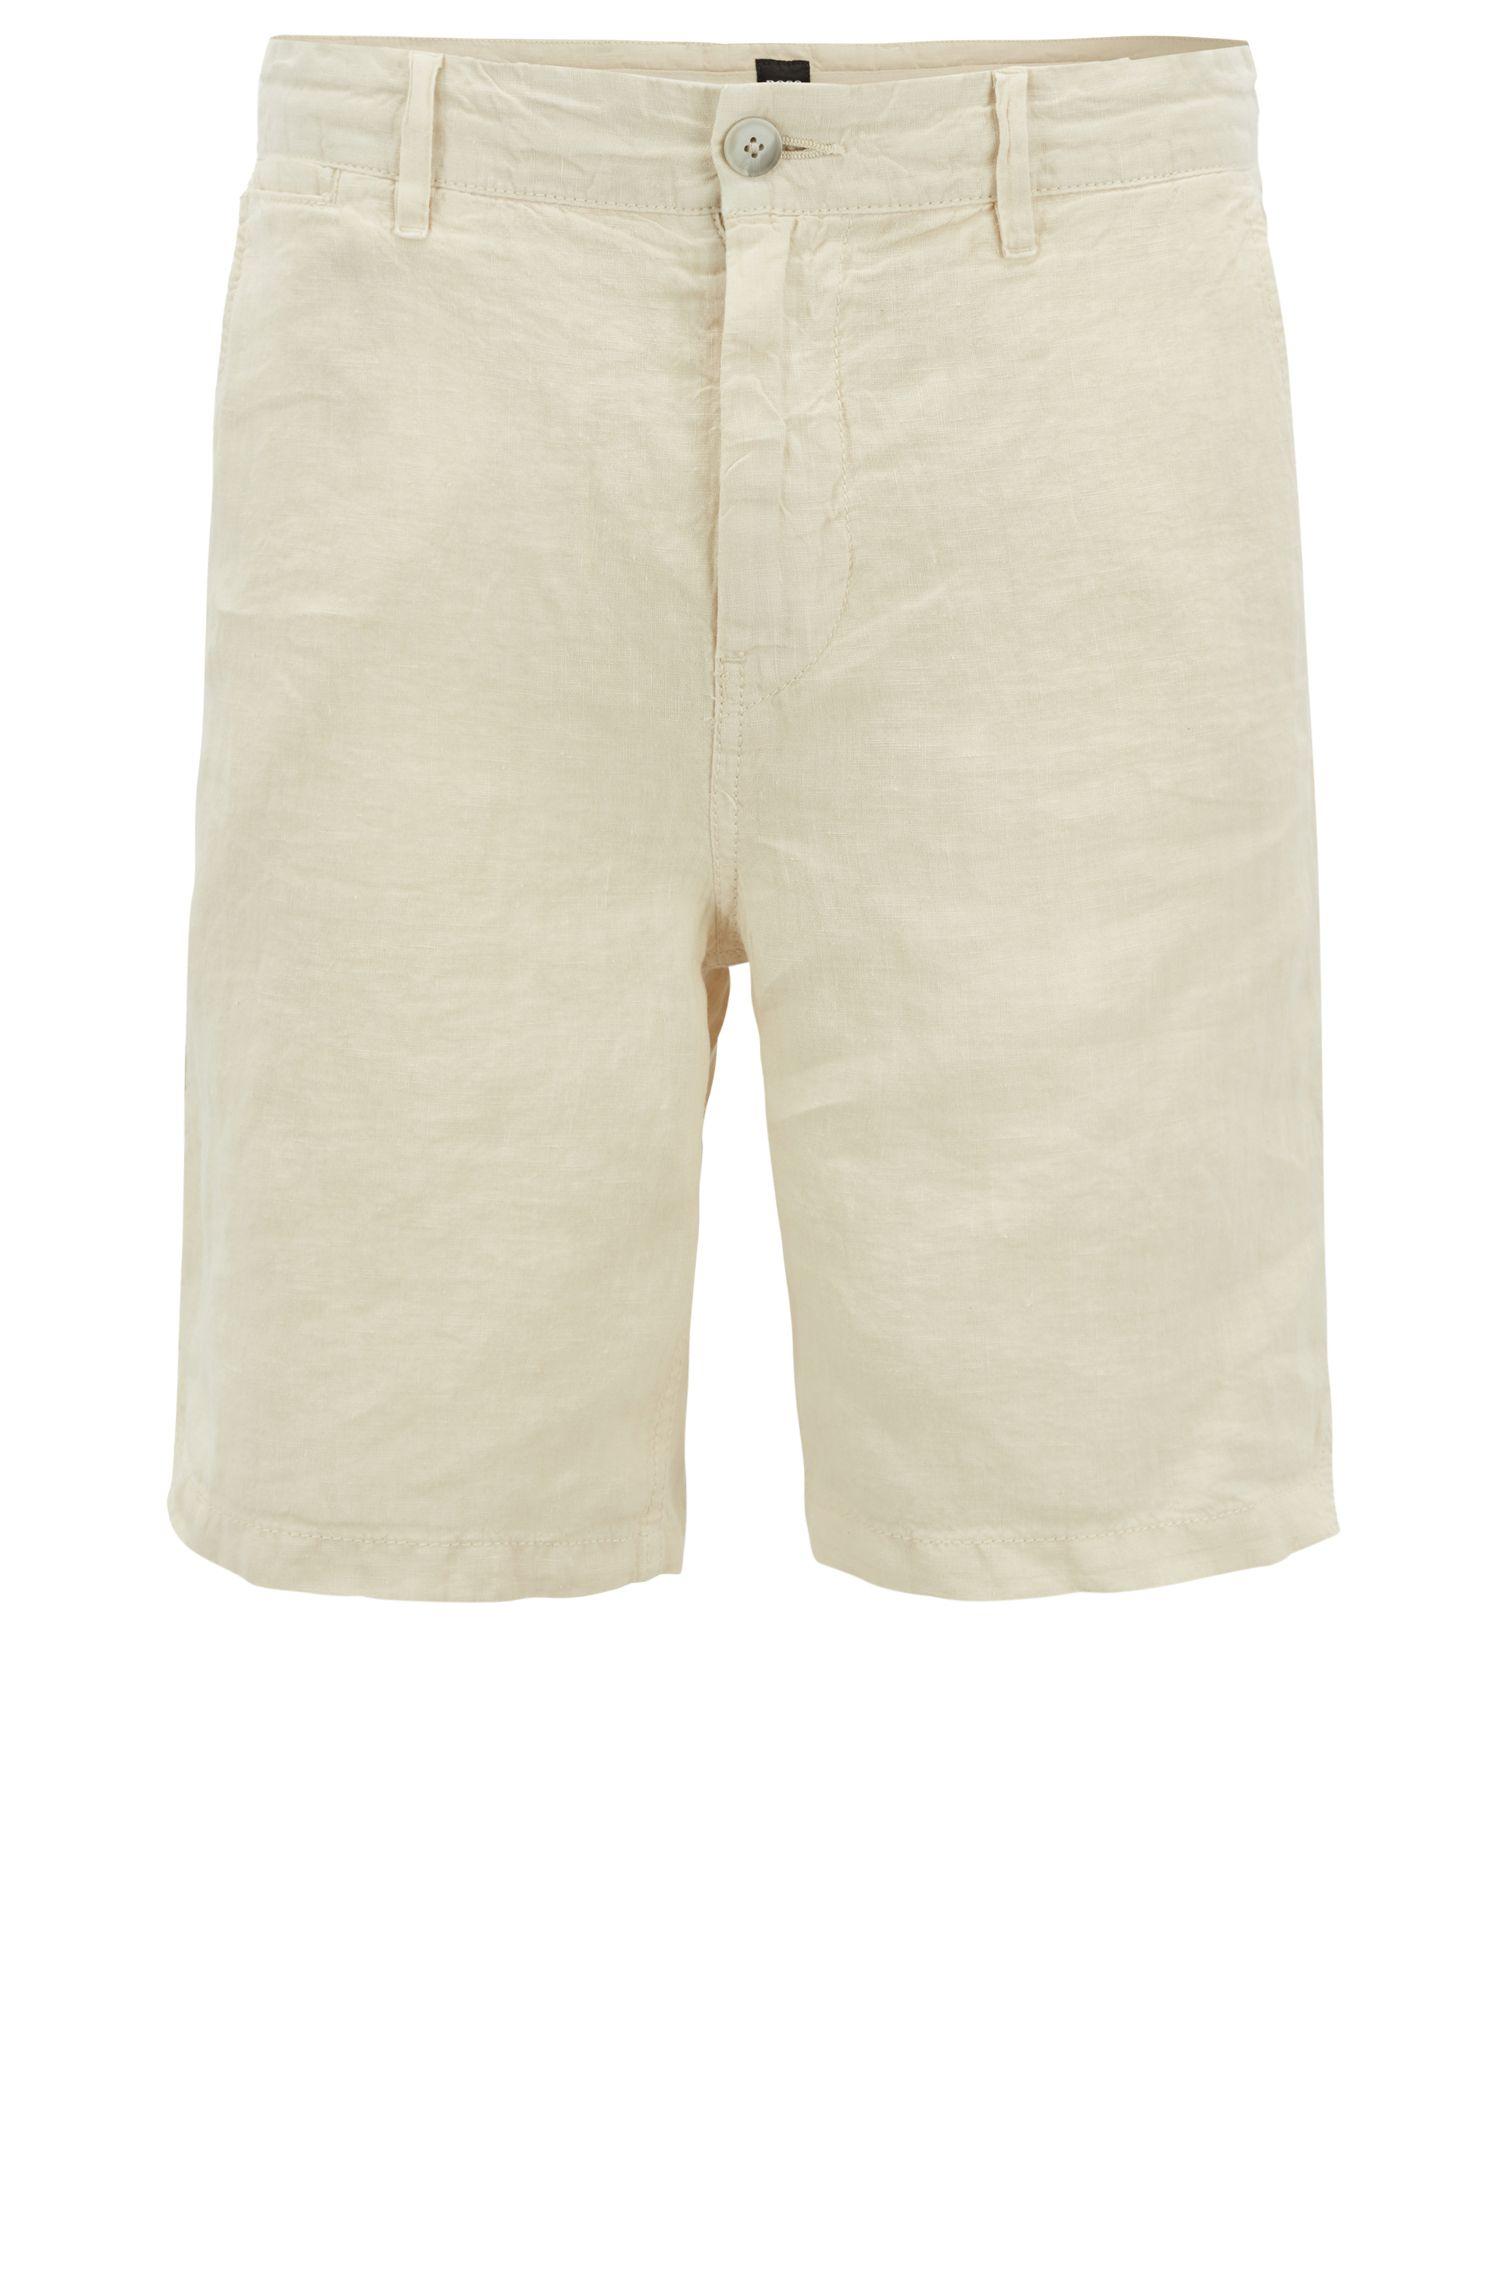 Overgeverfde linnen short met trekkoord aan de binnenkant